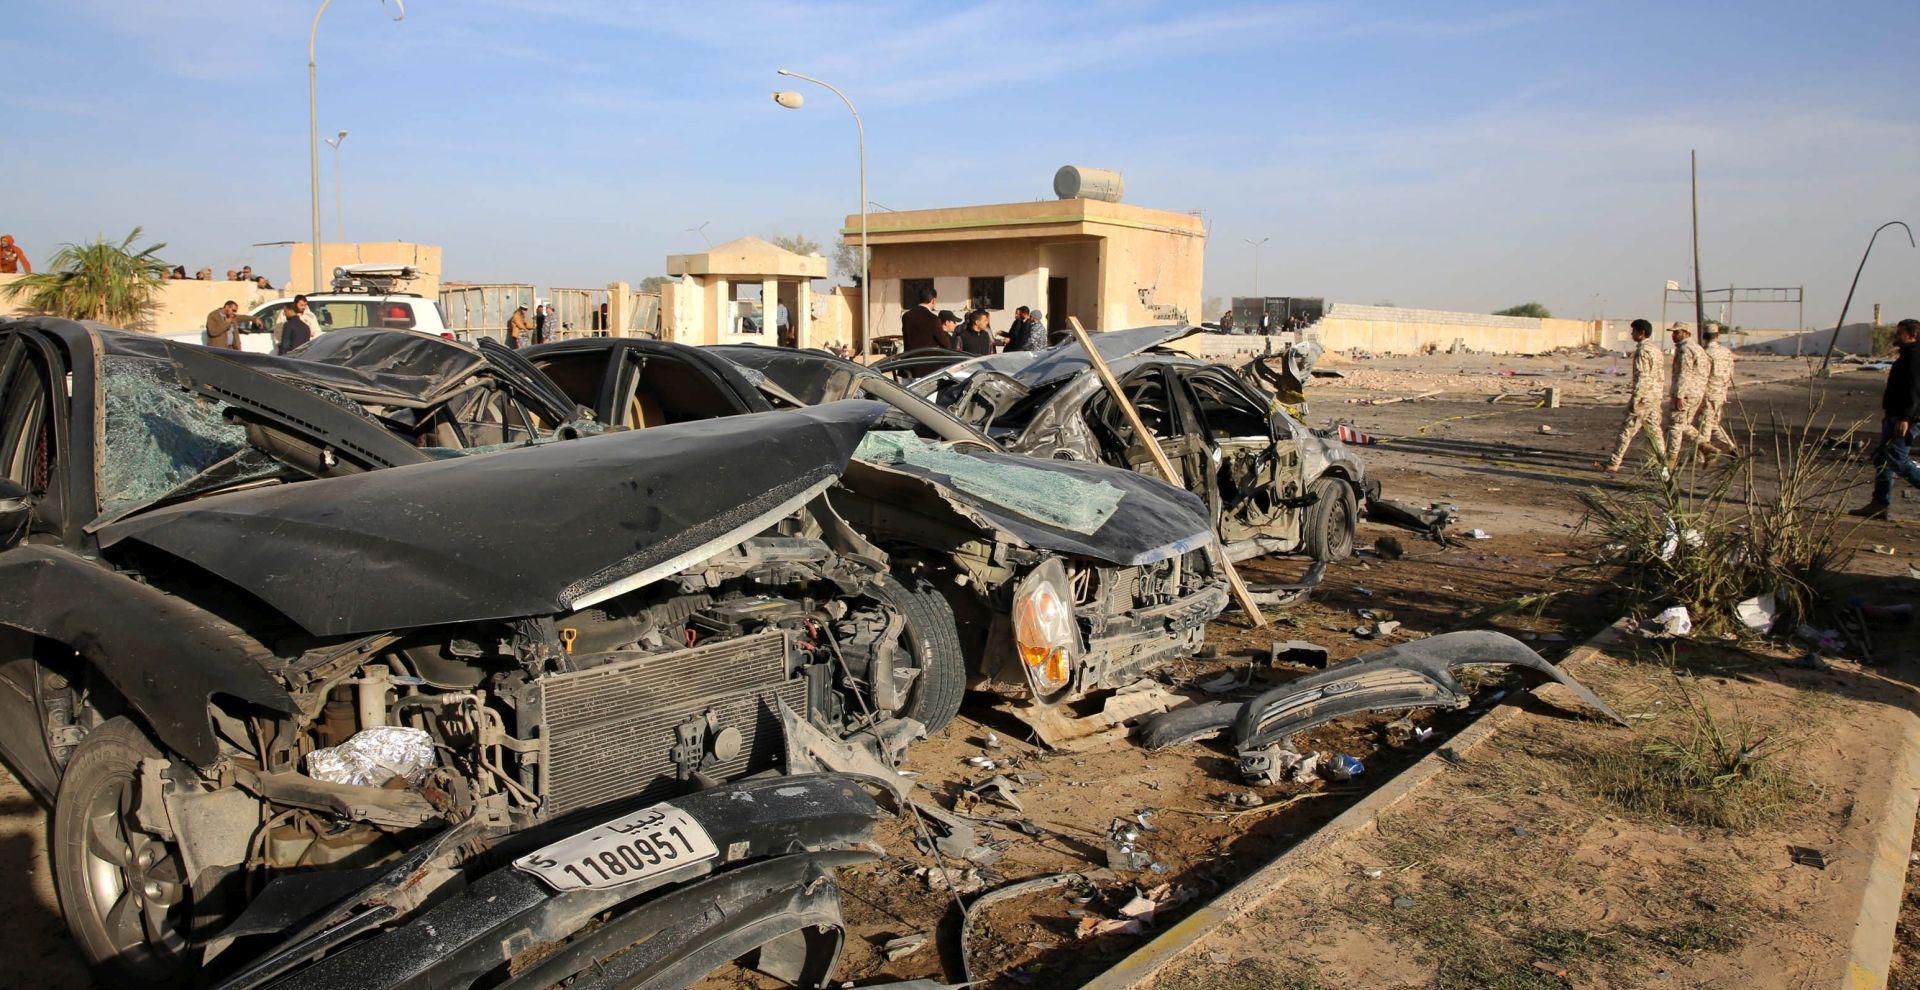 Američke obavještajne službe očekuju daljnje probleme u Libiji i Ukrajini